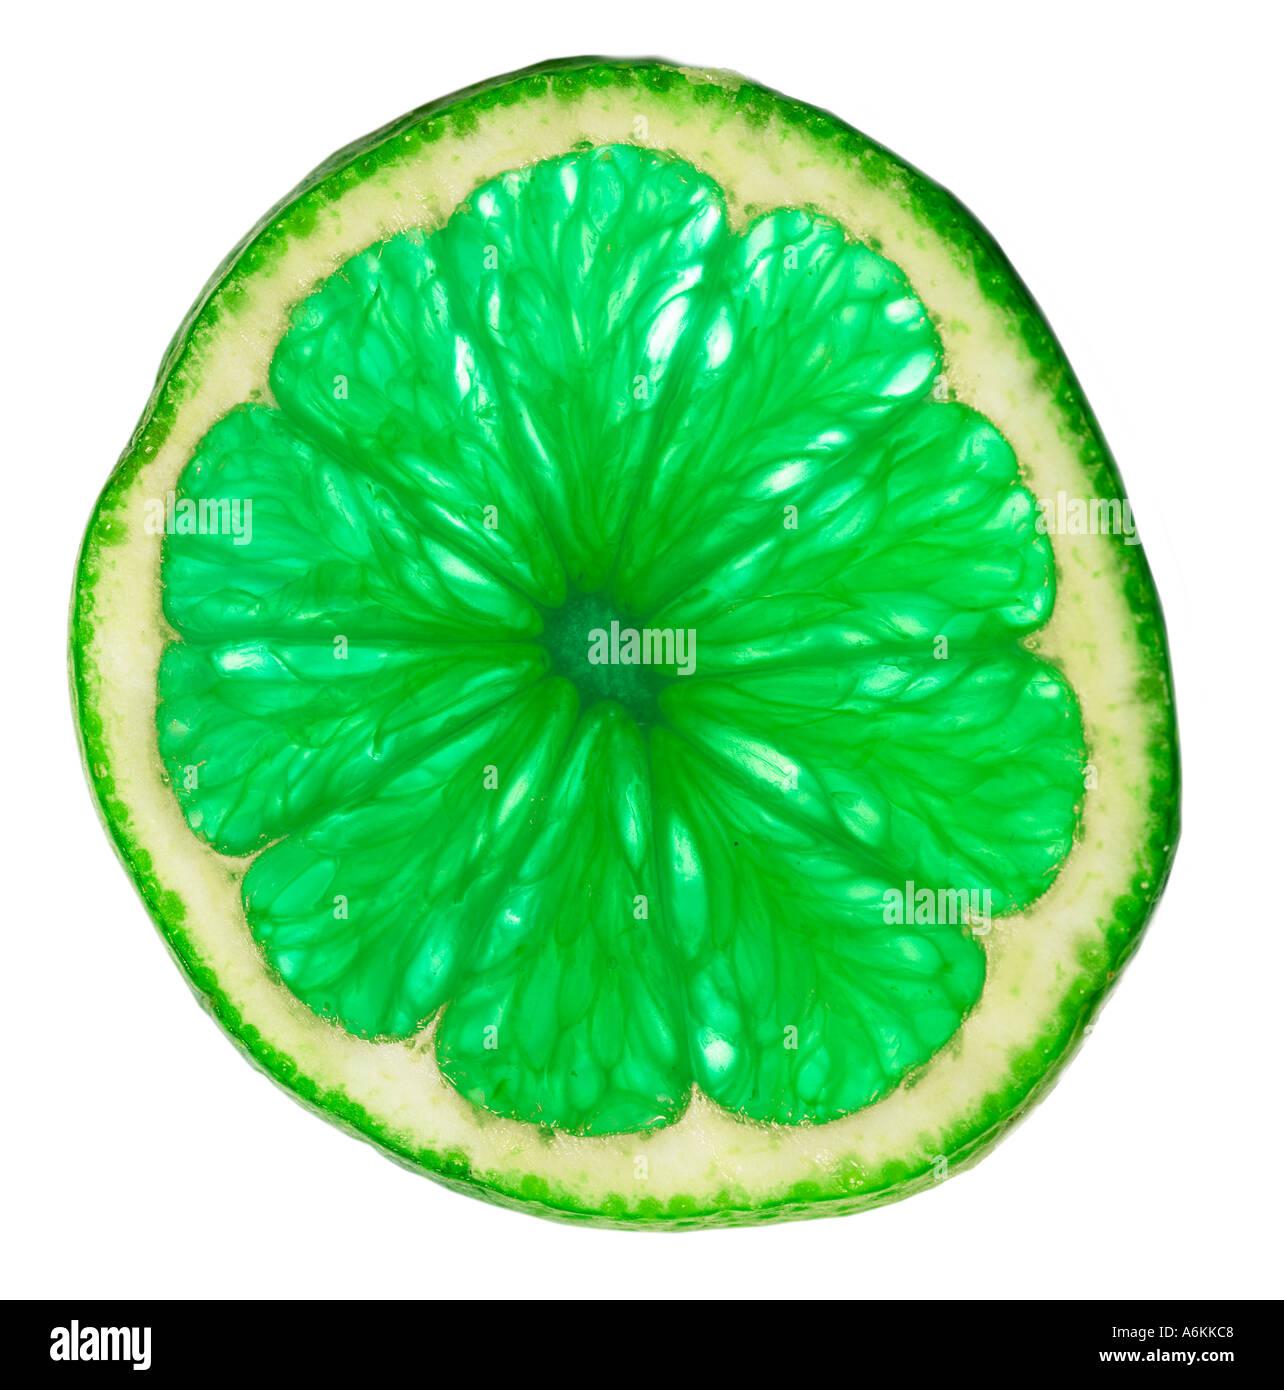 Solo rodaja de limón (cerrar) Imagen De Stock